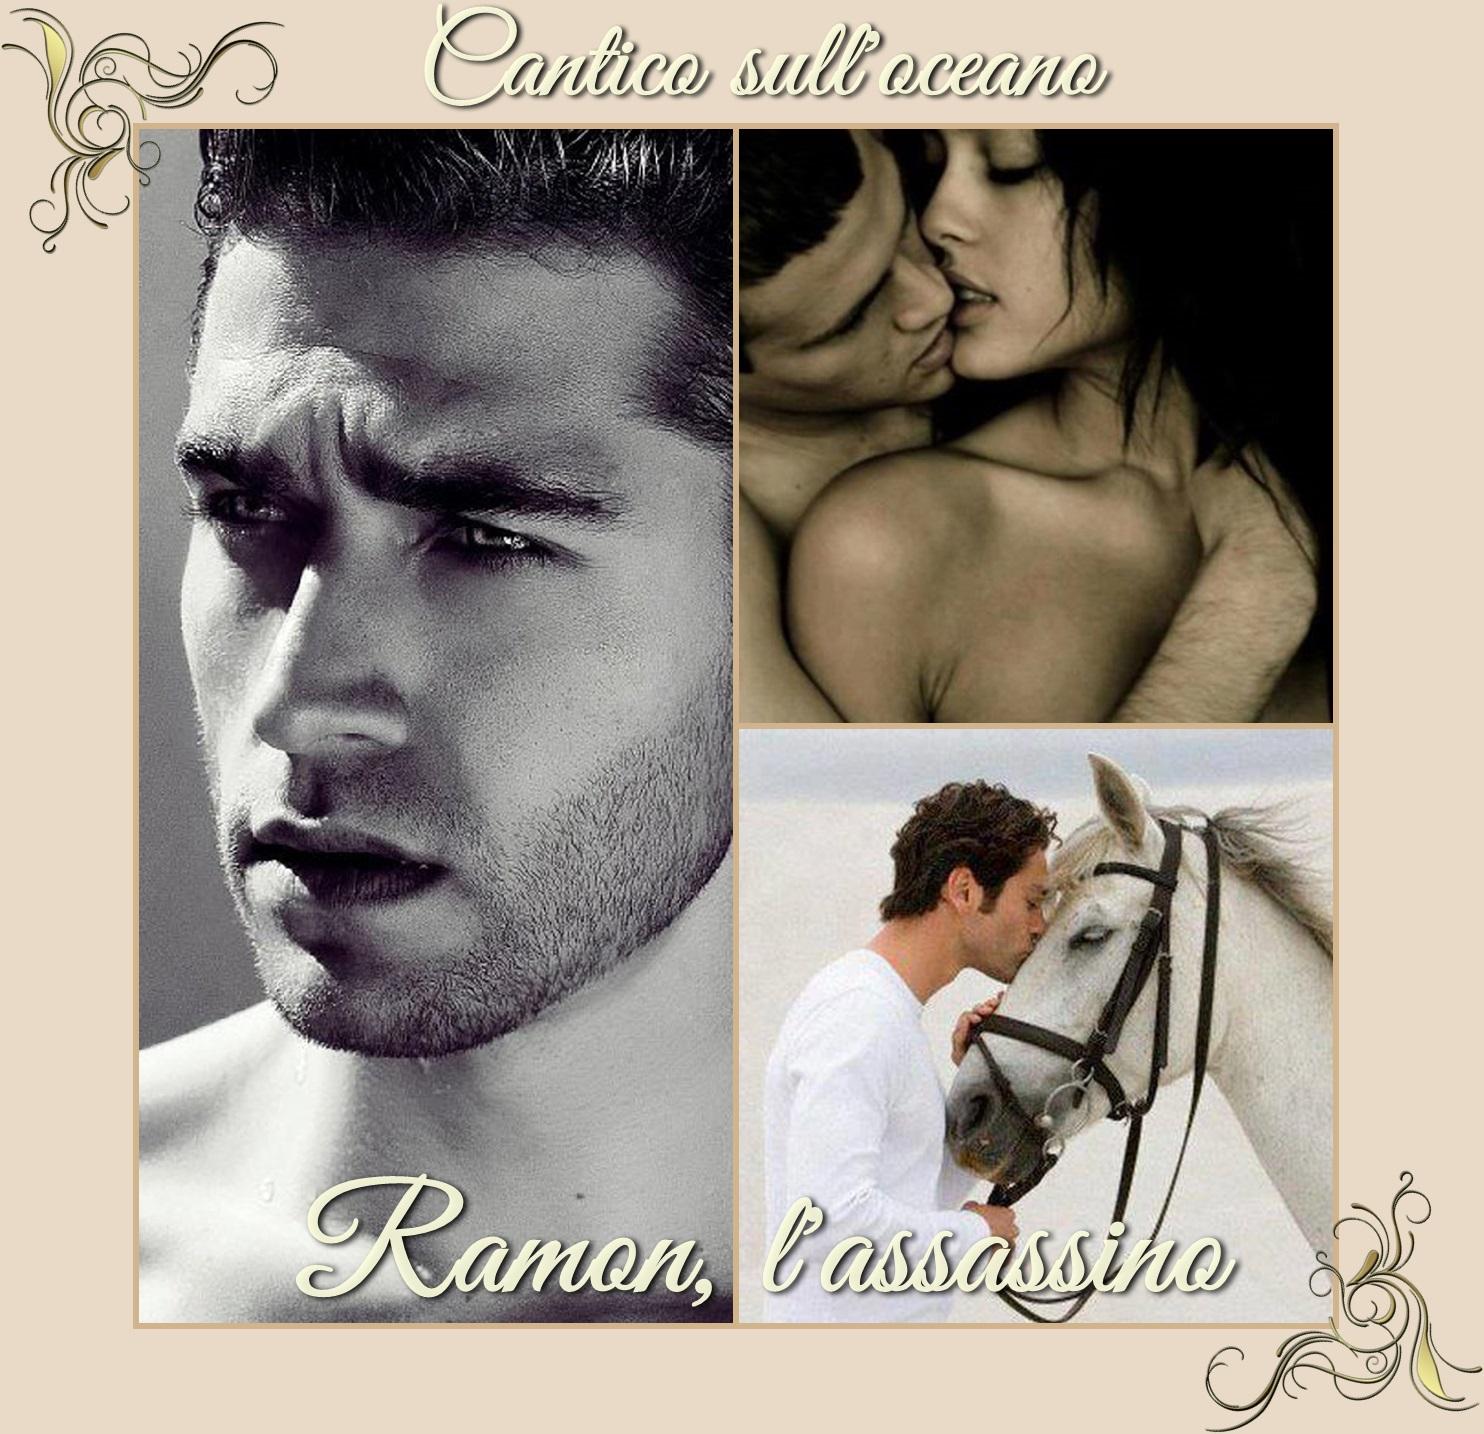 Ramon composizione